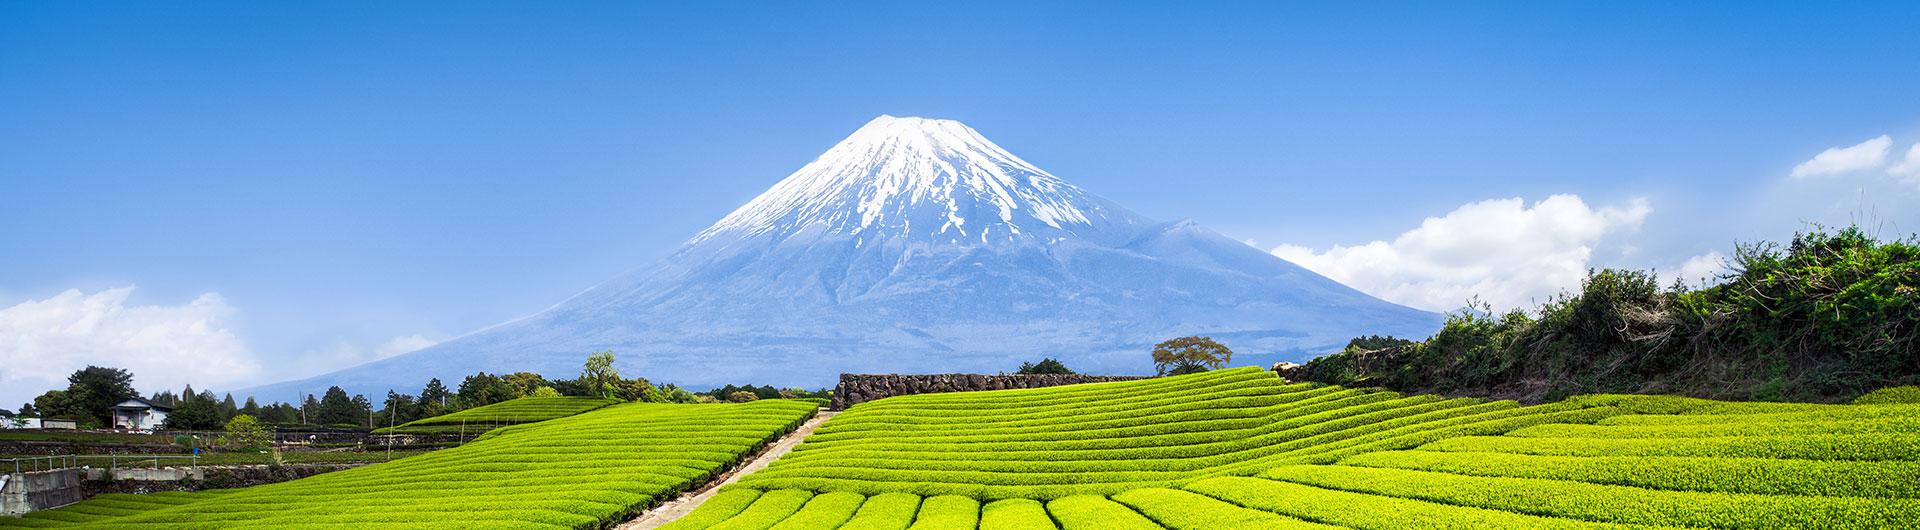 静岡県の写真